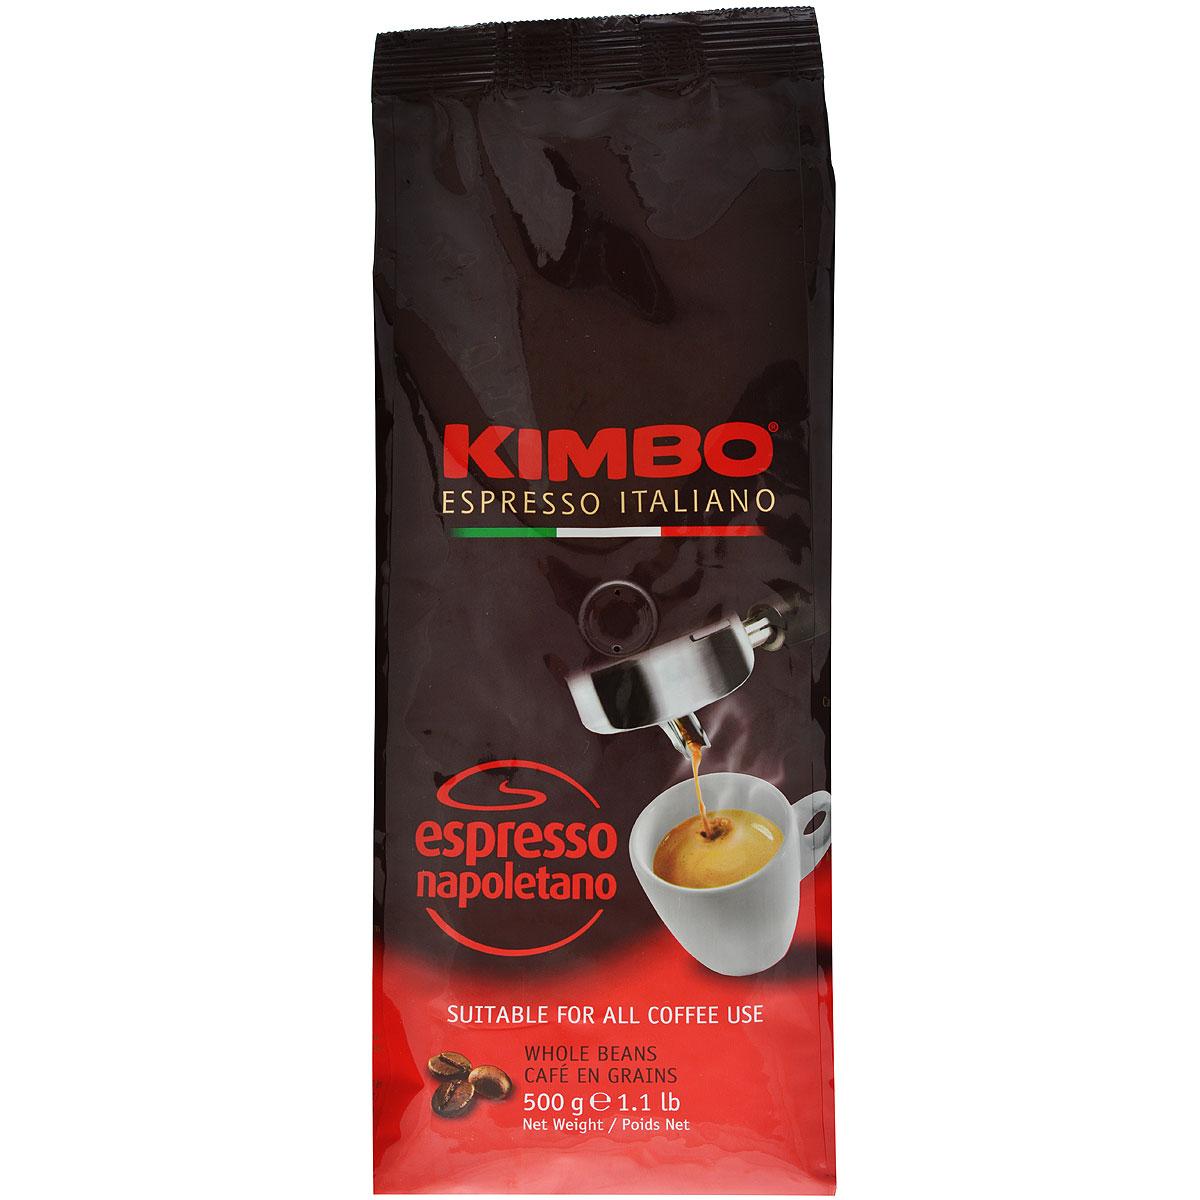 Kimbo Espresso Napoletano кофе в зернах, 500 г8002200602130Натуральный жареный кофе в зернах Kimbo Espresso Napoletano с интенсивным вкусом и богатым ароматом. Традиционная неаполитанская обжарка характеризуется густой пенкой. Идеально подходит для любителей крепкого эспрессо. Смесь содержит 90% арабики и 10% робусты.